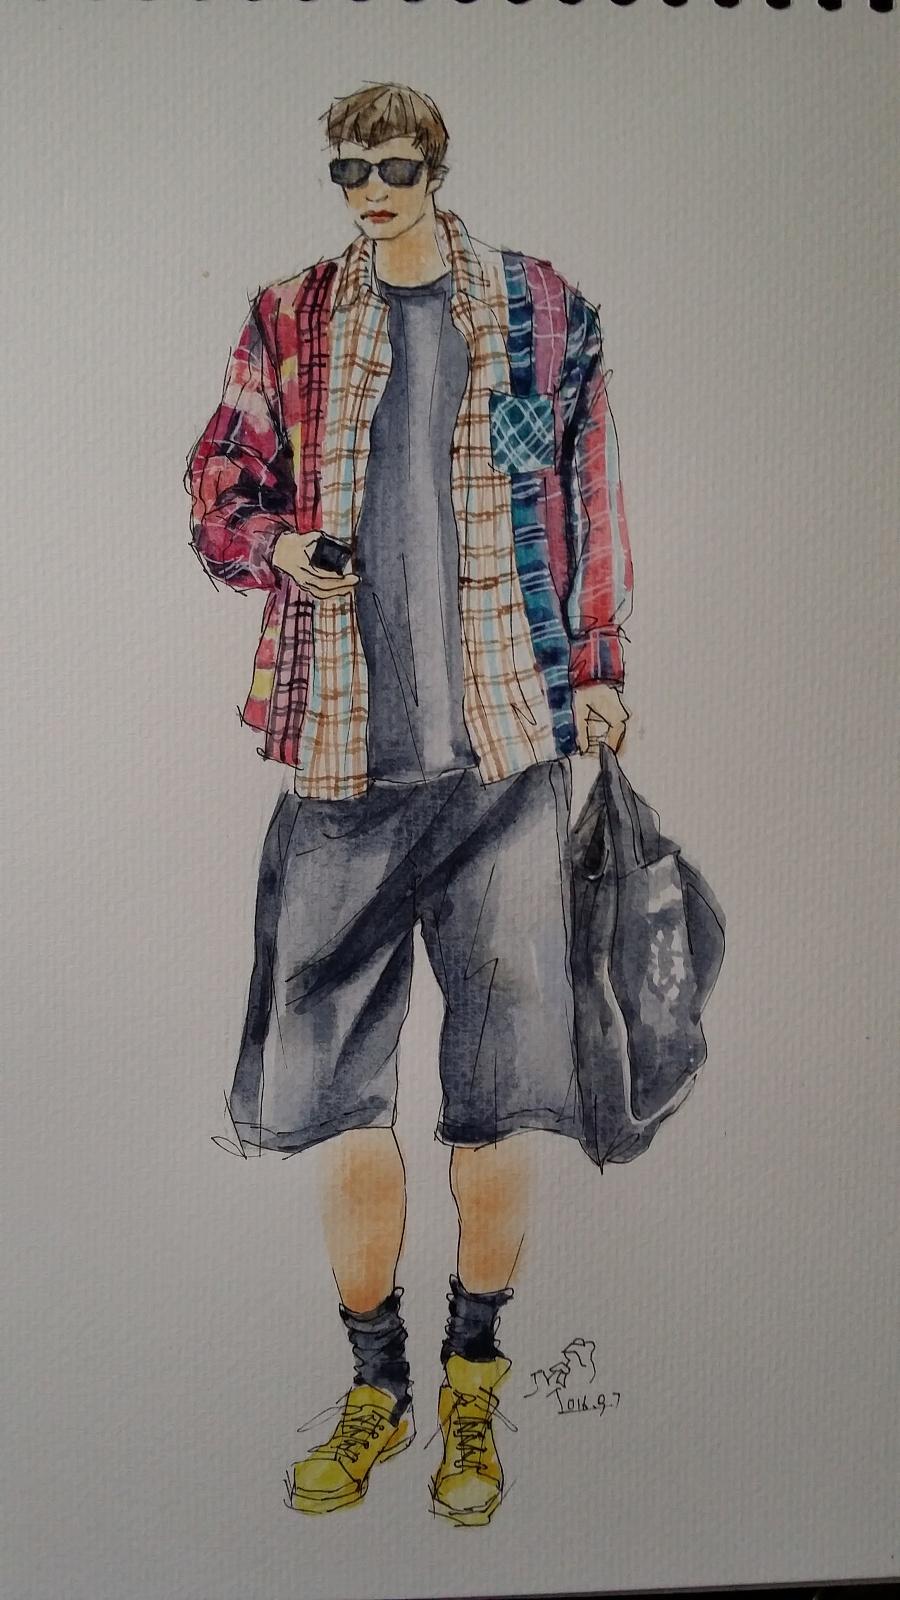 手绘时装插画(男装)|休闲/流行服饰|服装|箐蛙